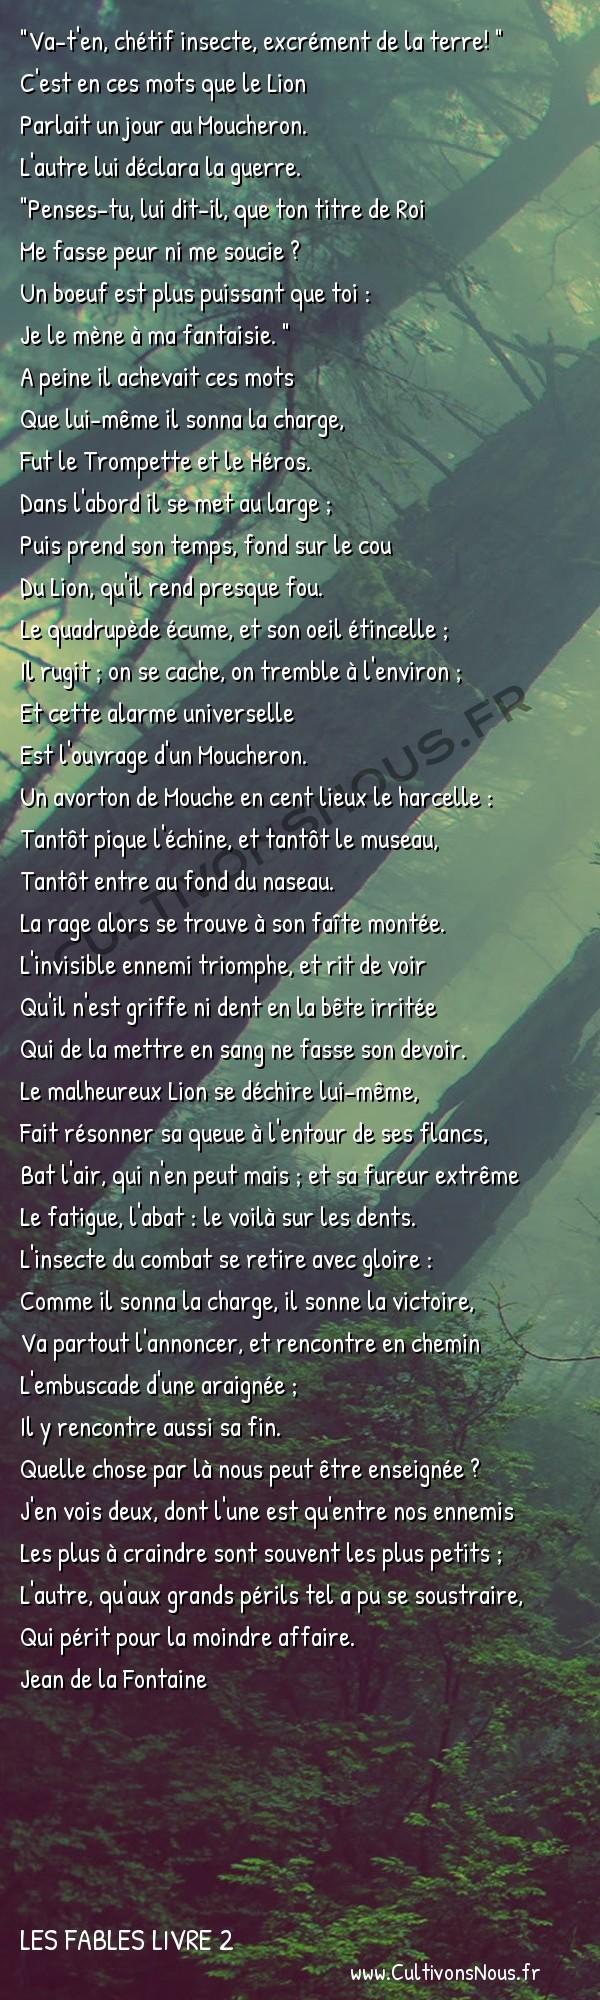 Fables Jean de la Fontaine - Les fables Livre 2 - Le Lion et le Moucheron -